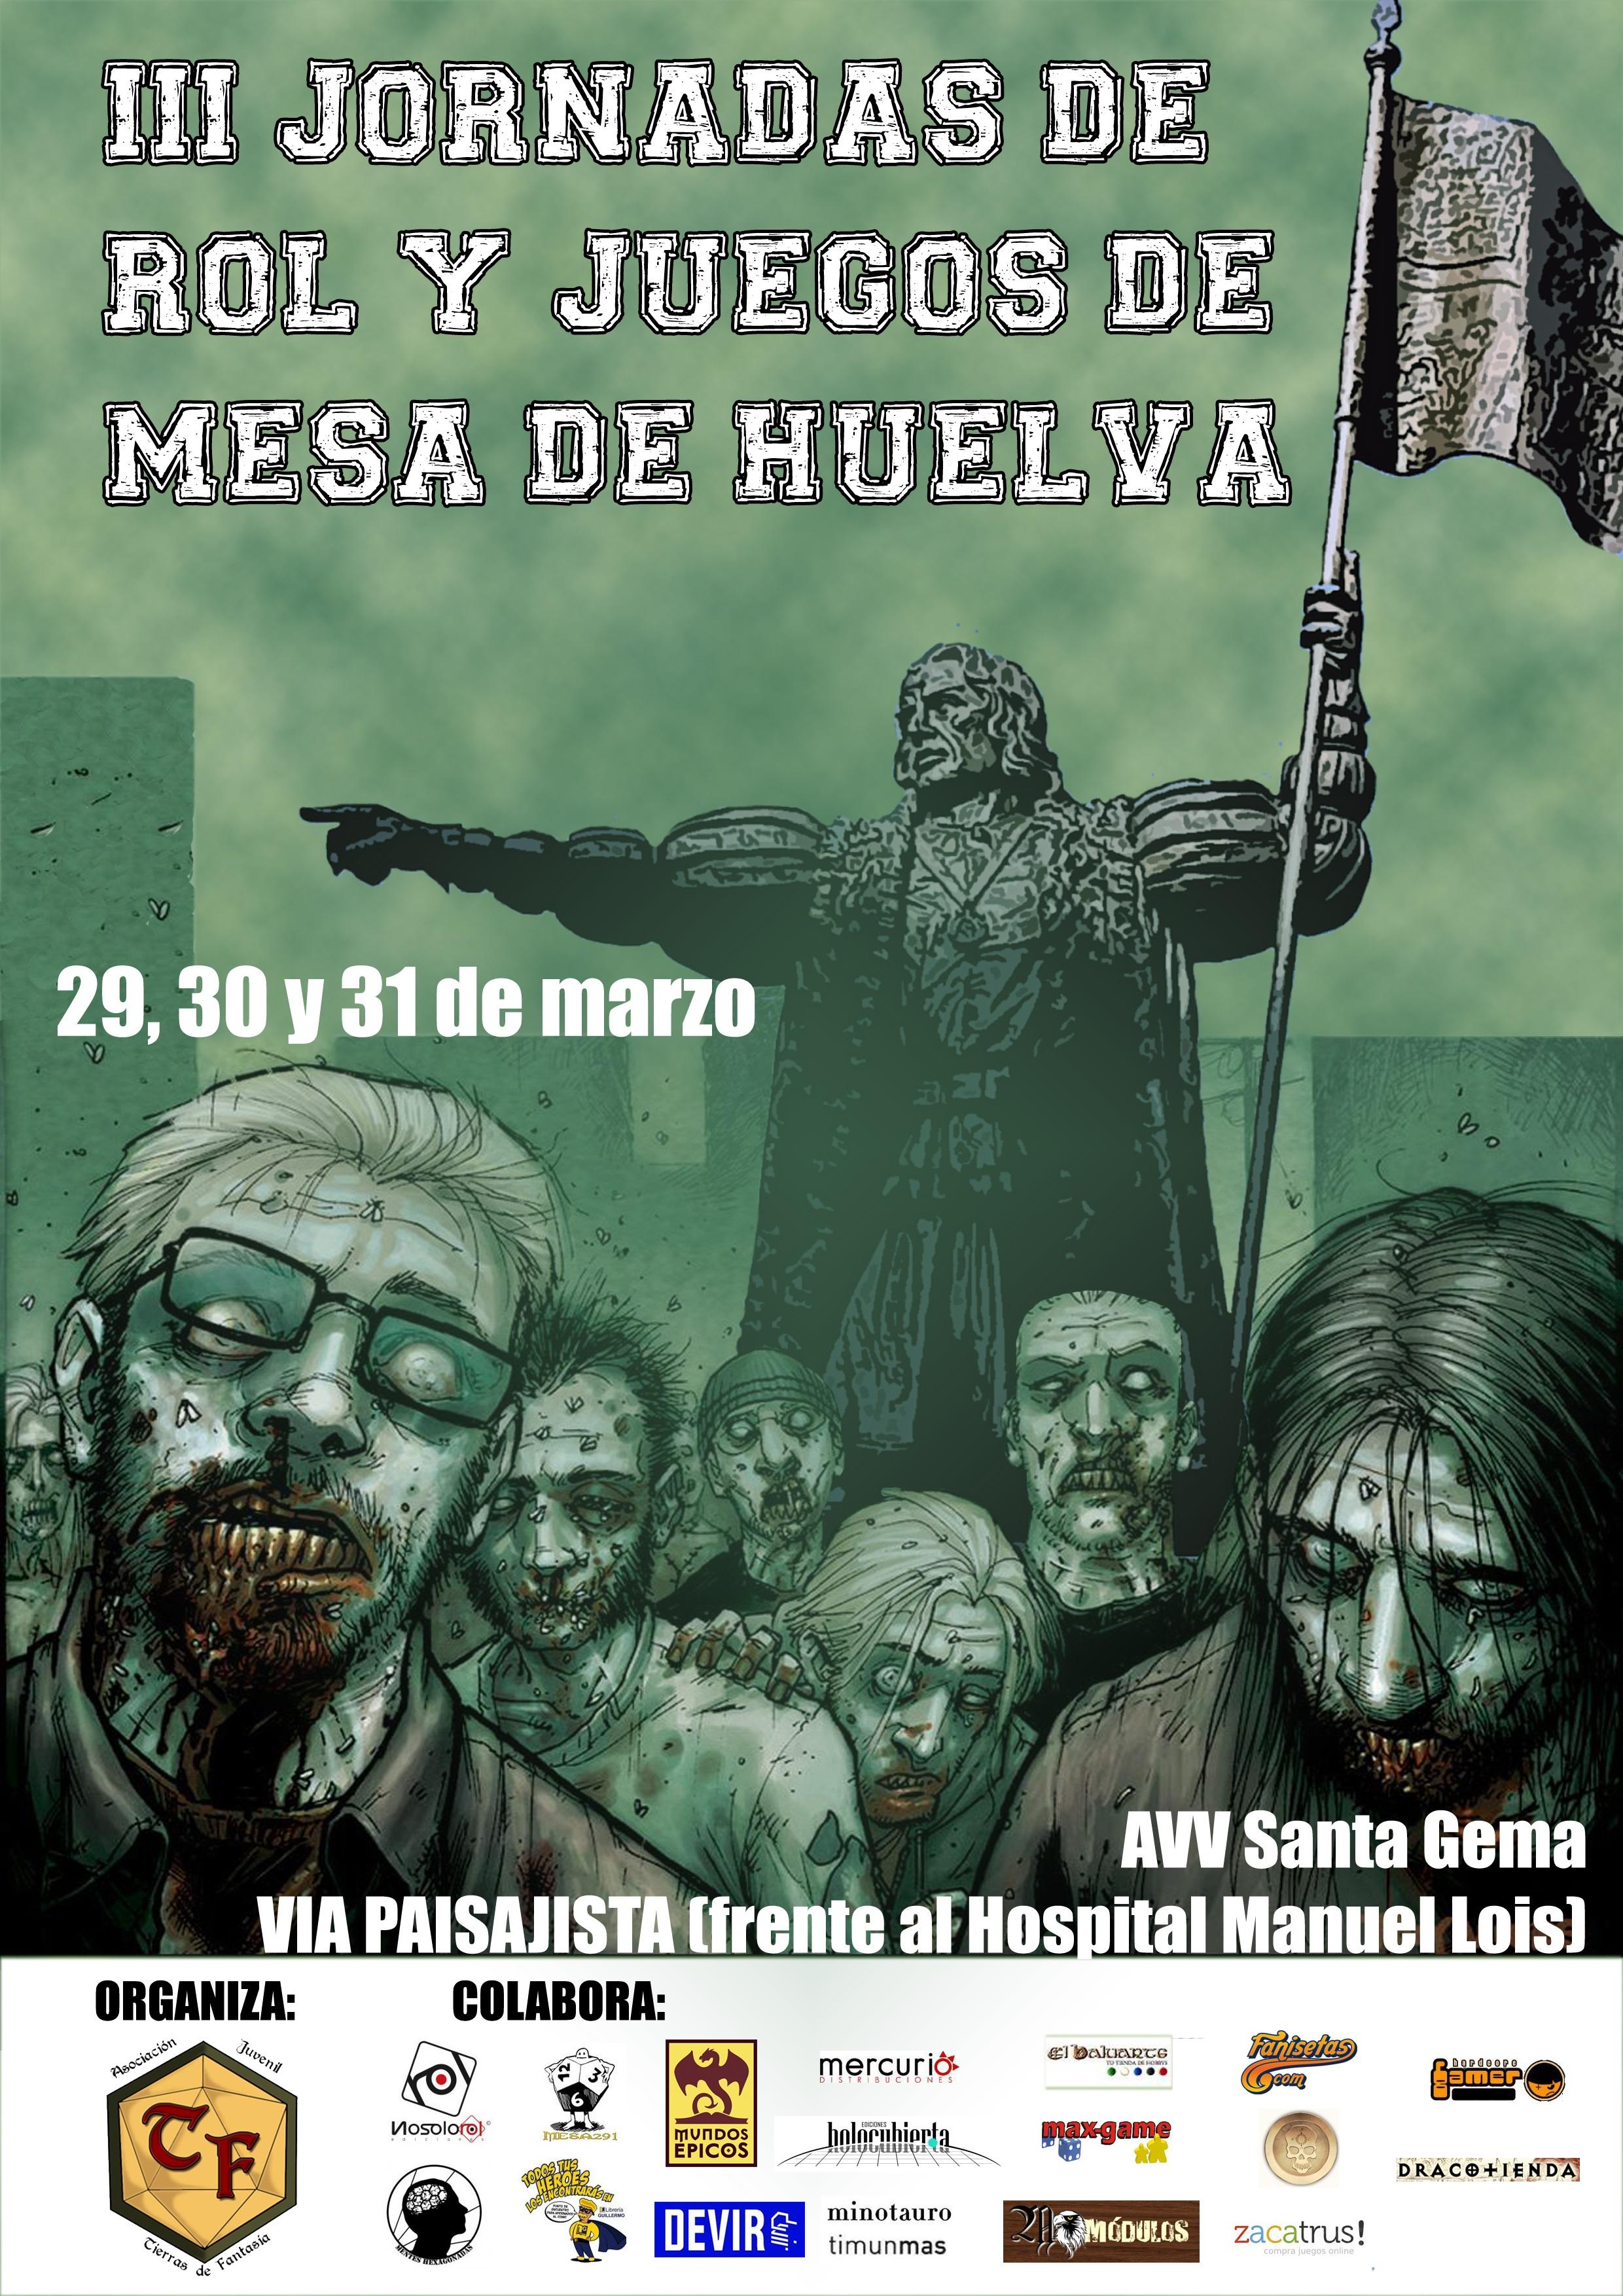 III Jornadas de Rol y Juegos de Mesa de Huelva